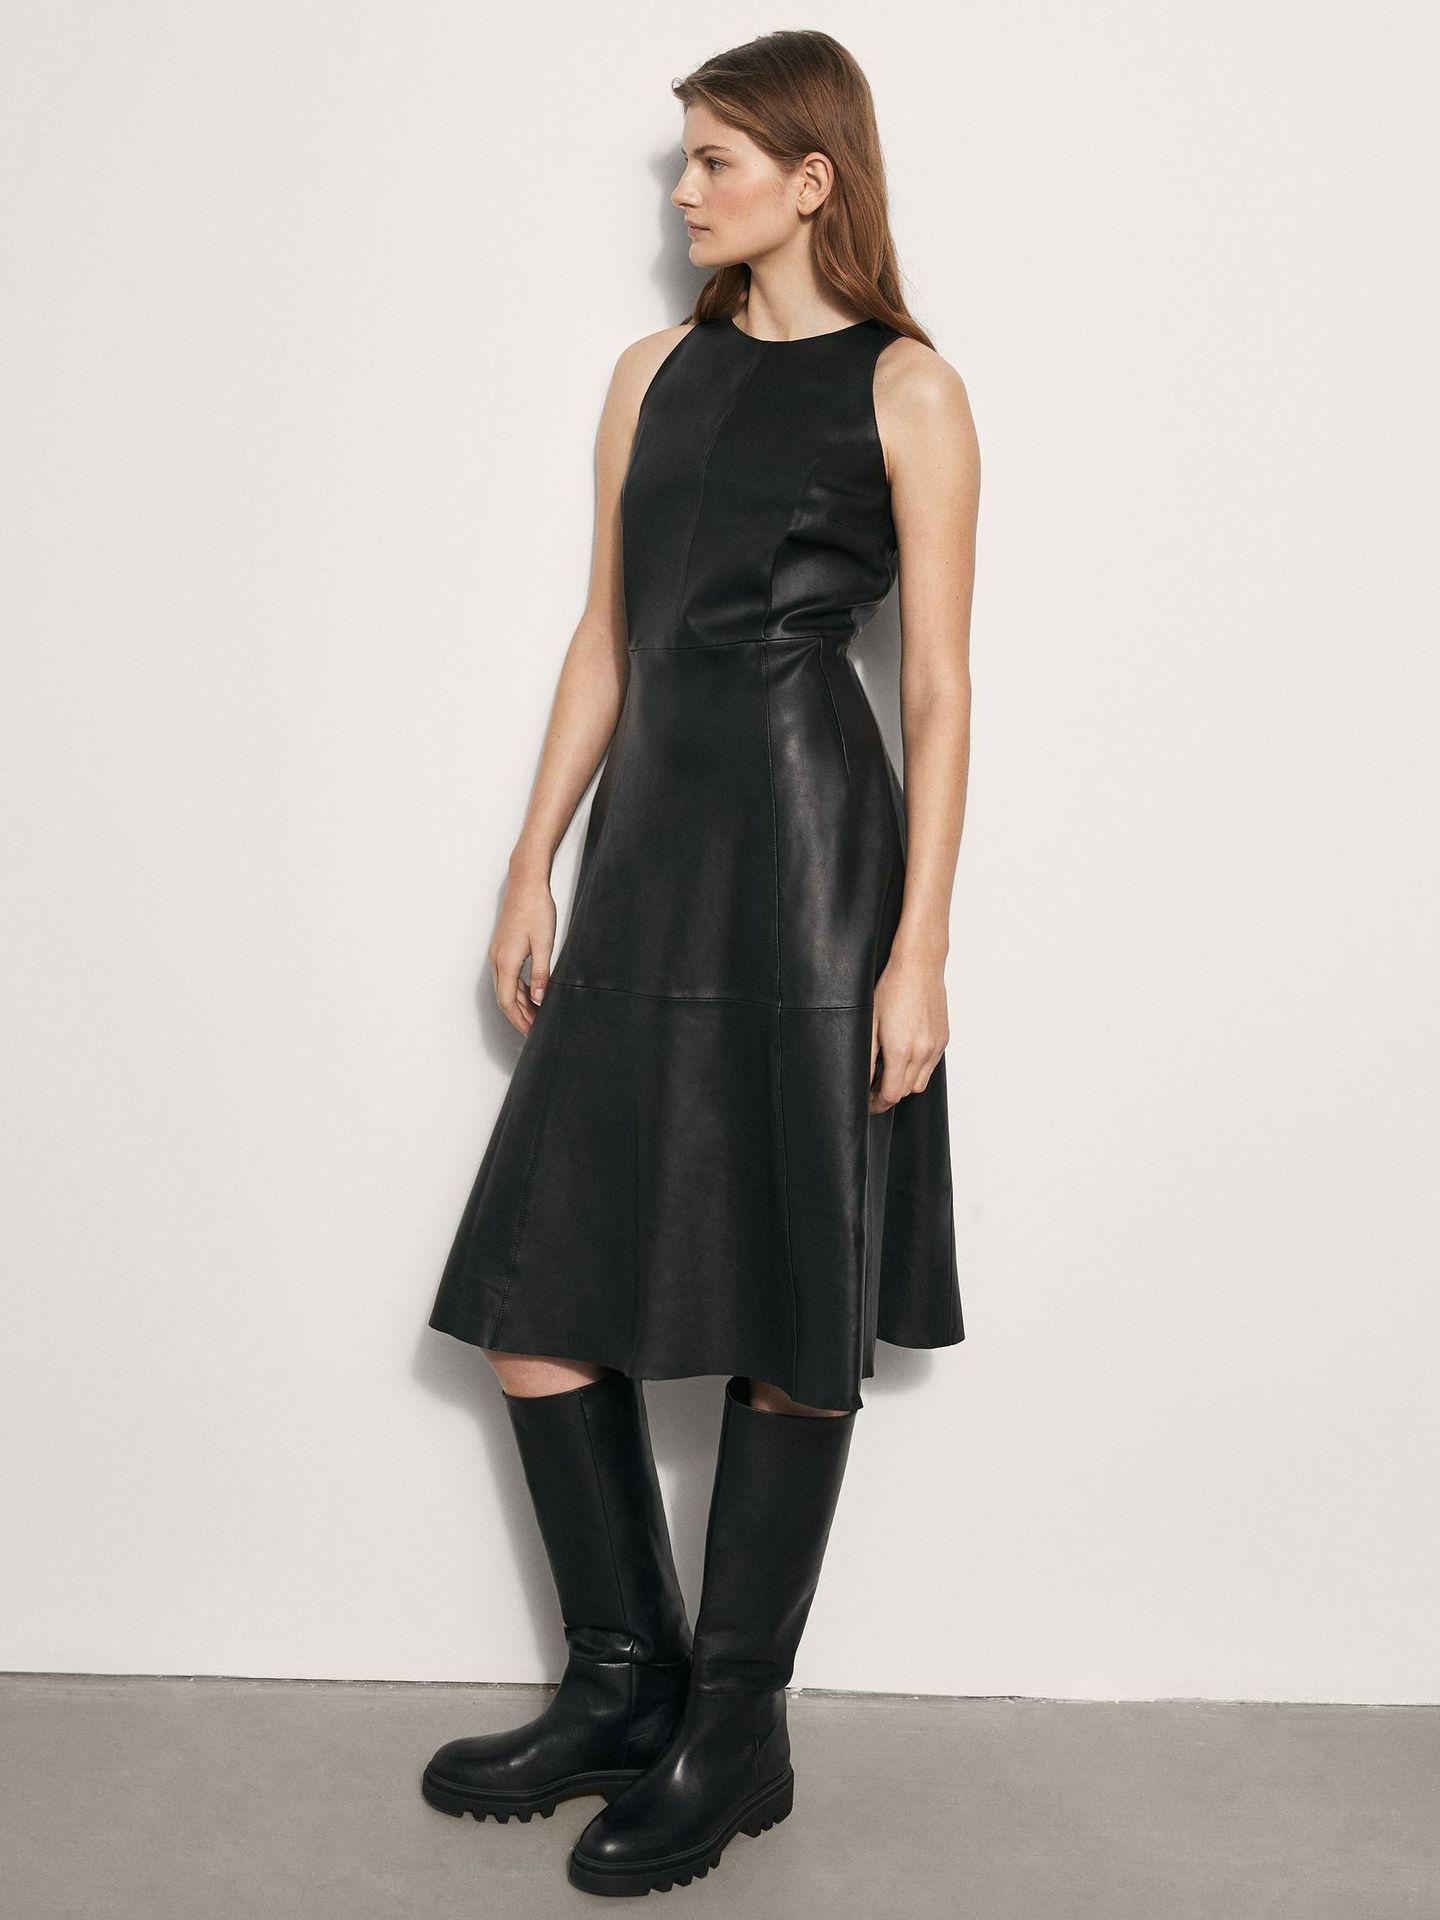 Vestido de piel de Massimo Dutti. (Cortesía)